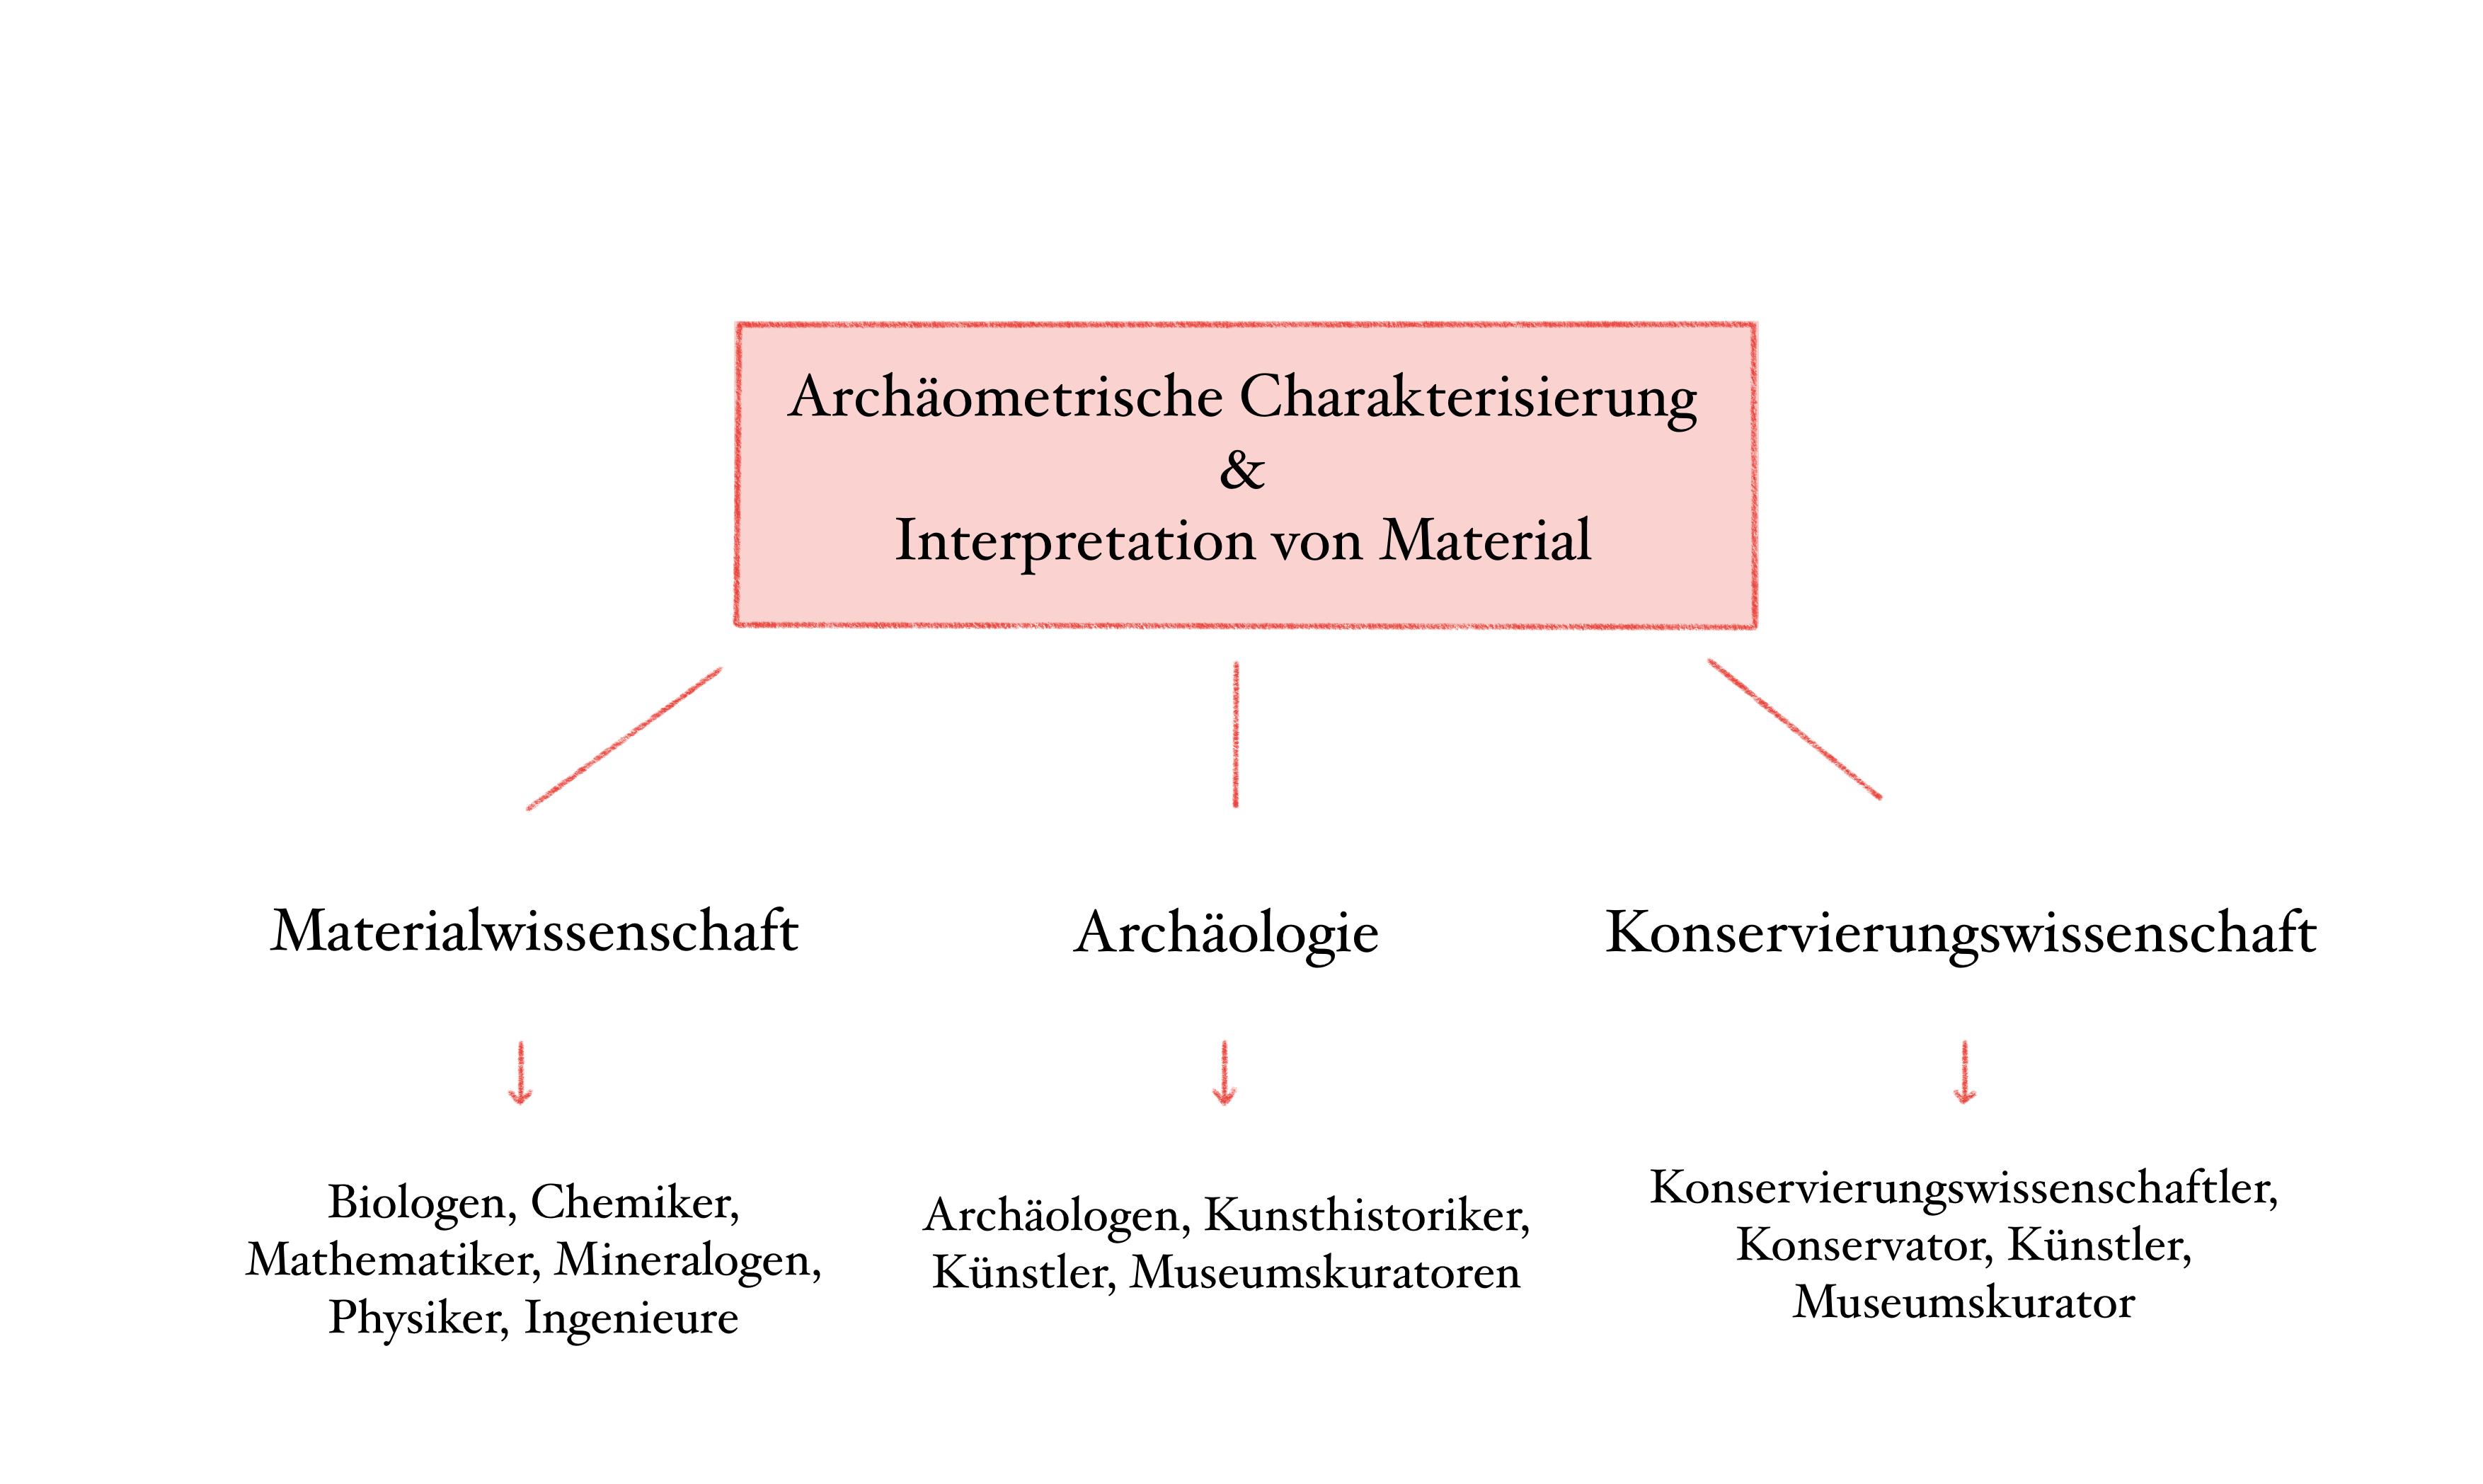 Archäometrische Charakterisierung